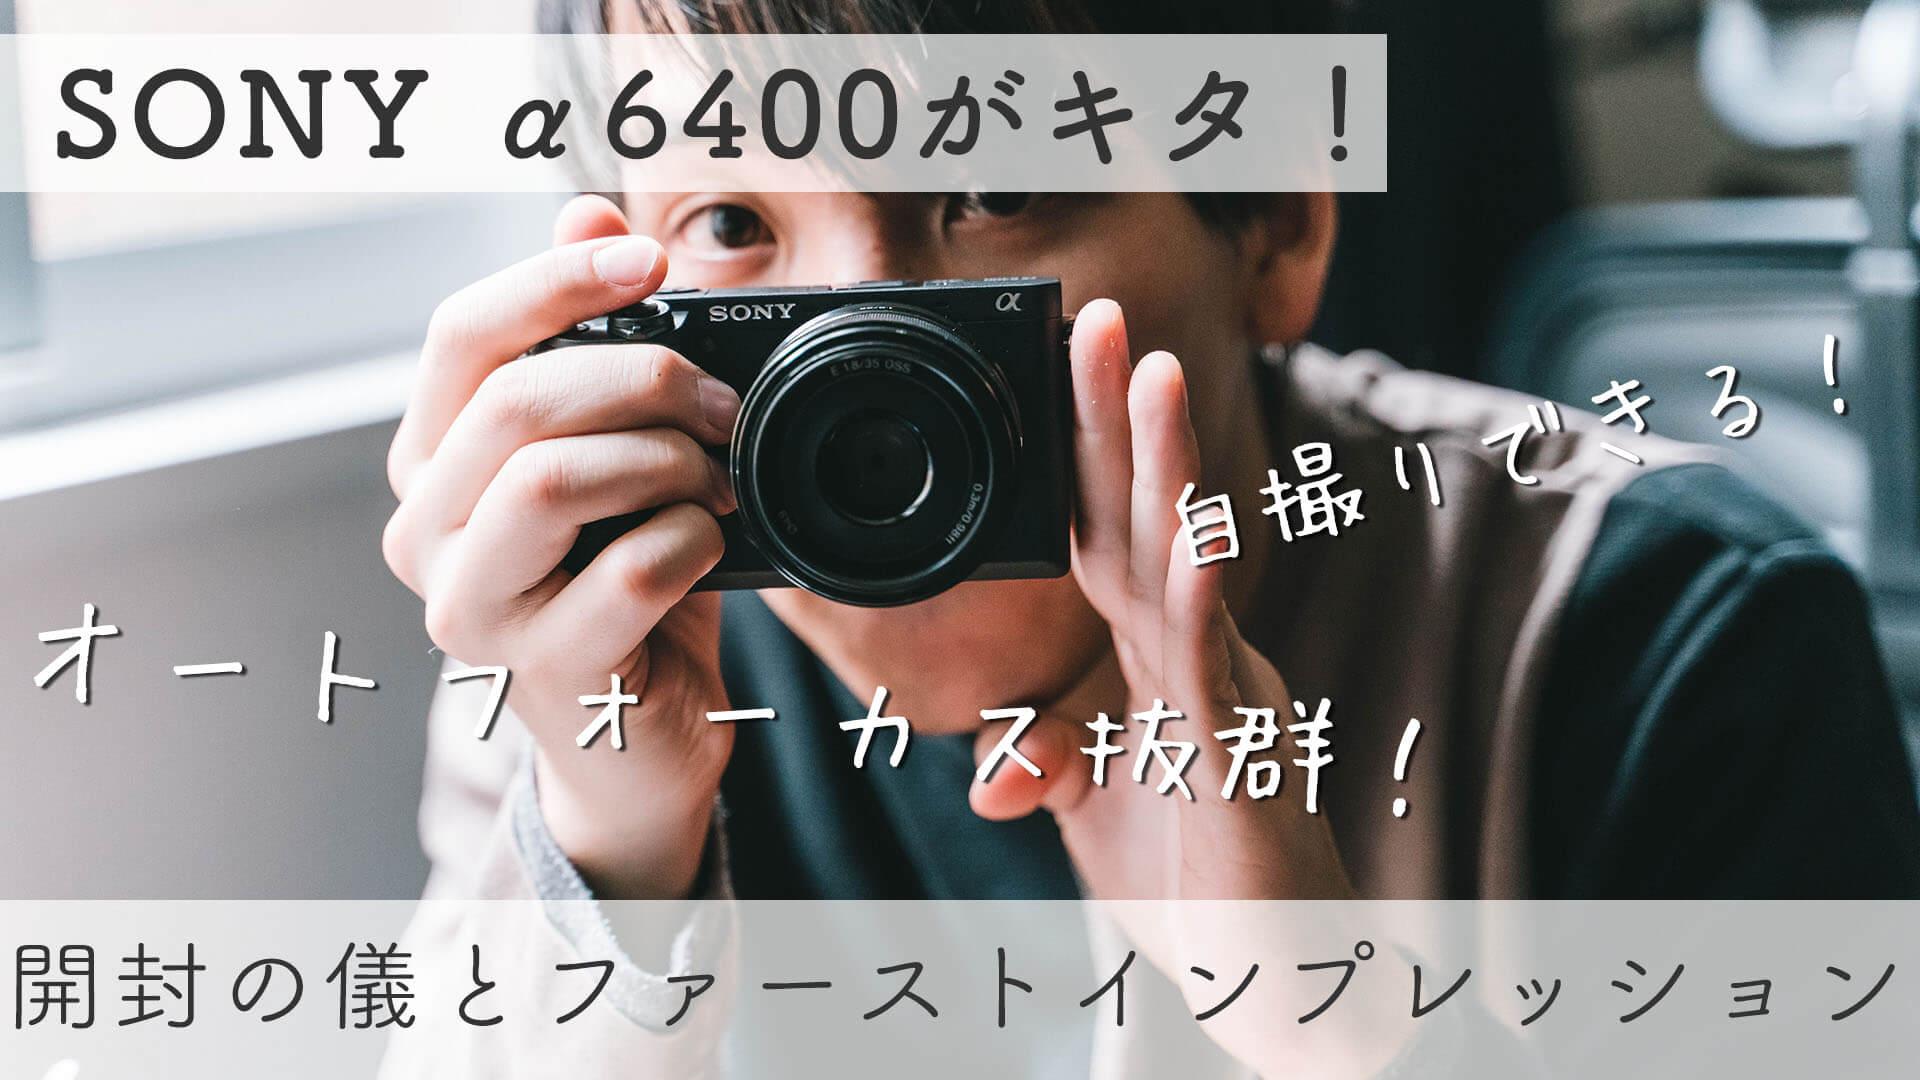 SONY α6400実写レビュー!フルサイズに匹敵する性能のAPS-Cミラーレス!